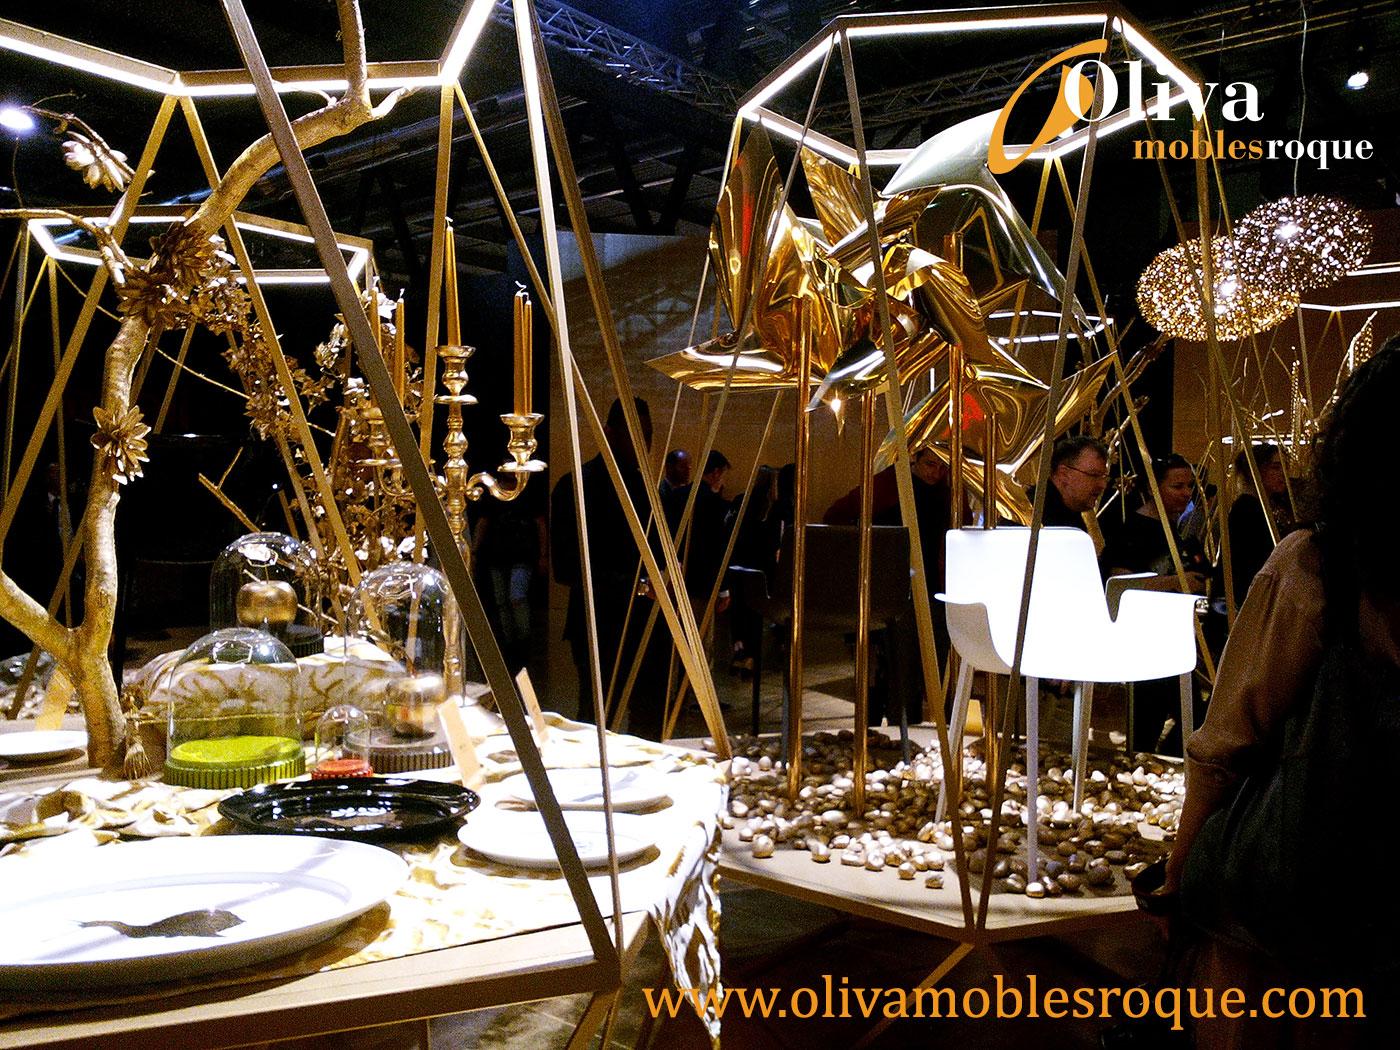 El salone internazionale del mobile 2014 milan tienda - Feria del mueble madrid ...